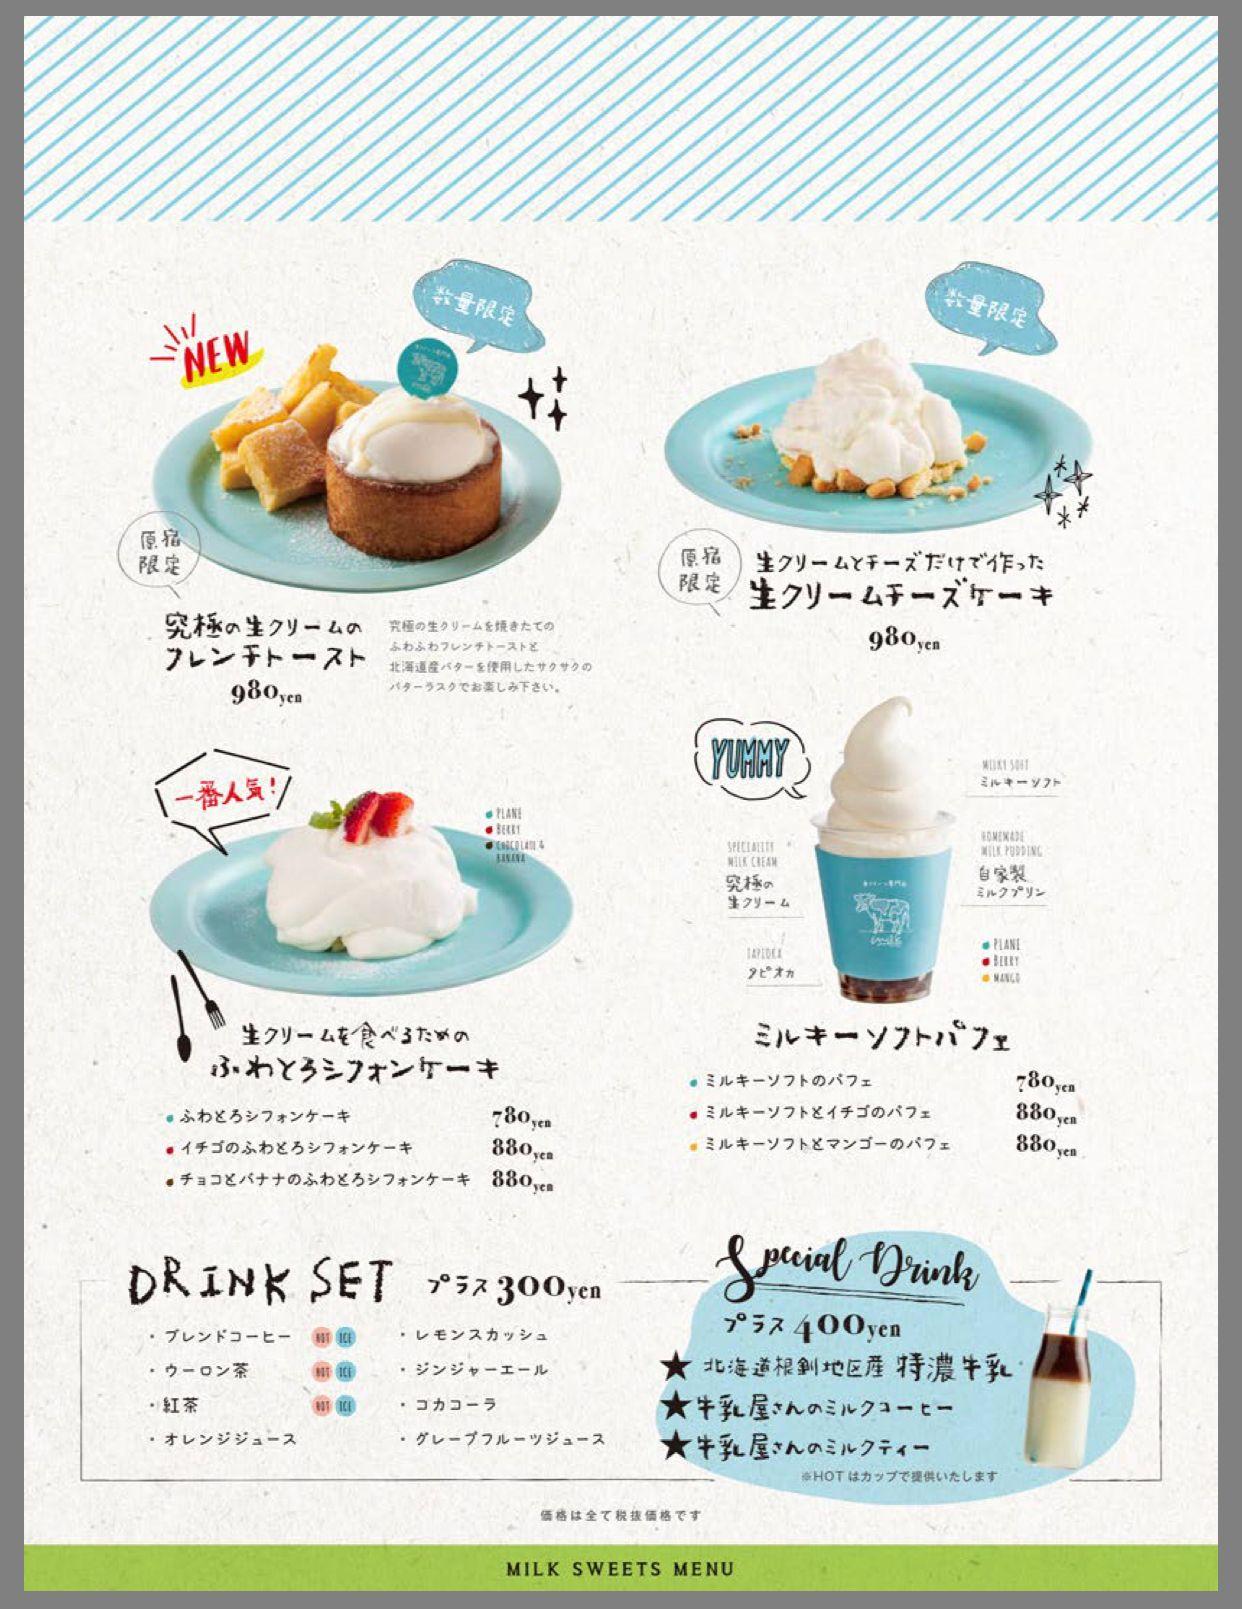 スイーツ 水色 パンフレット デザイン カフェチラシ メニュー 表